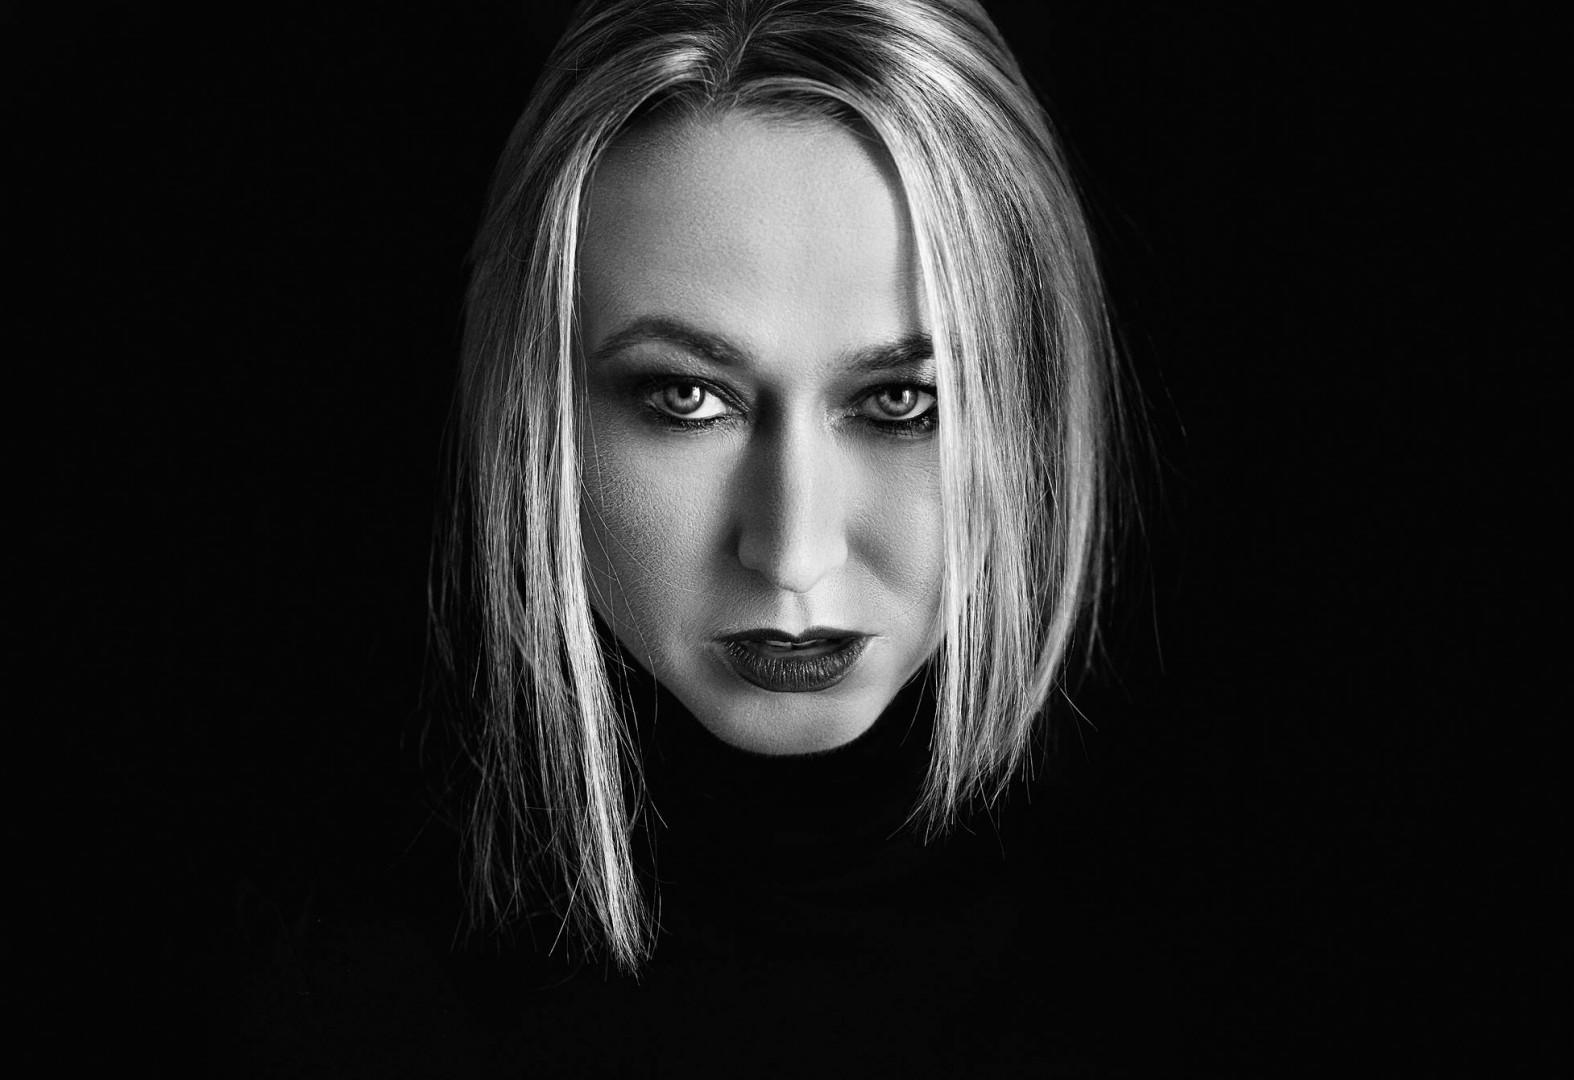 Iris SARG - Book Actrice / Photographe : Aidan NWorks